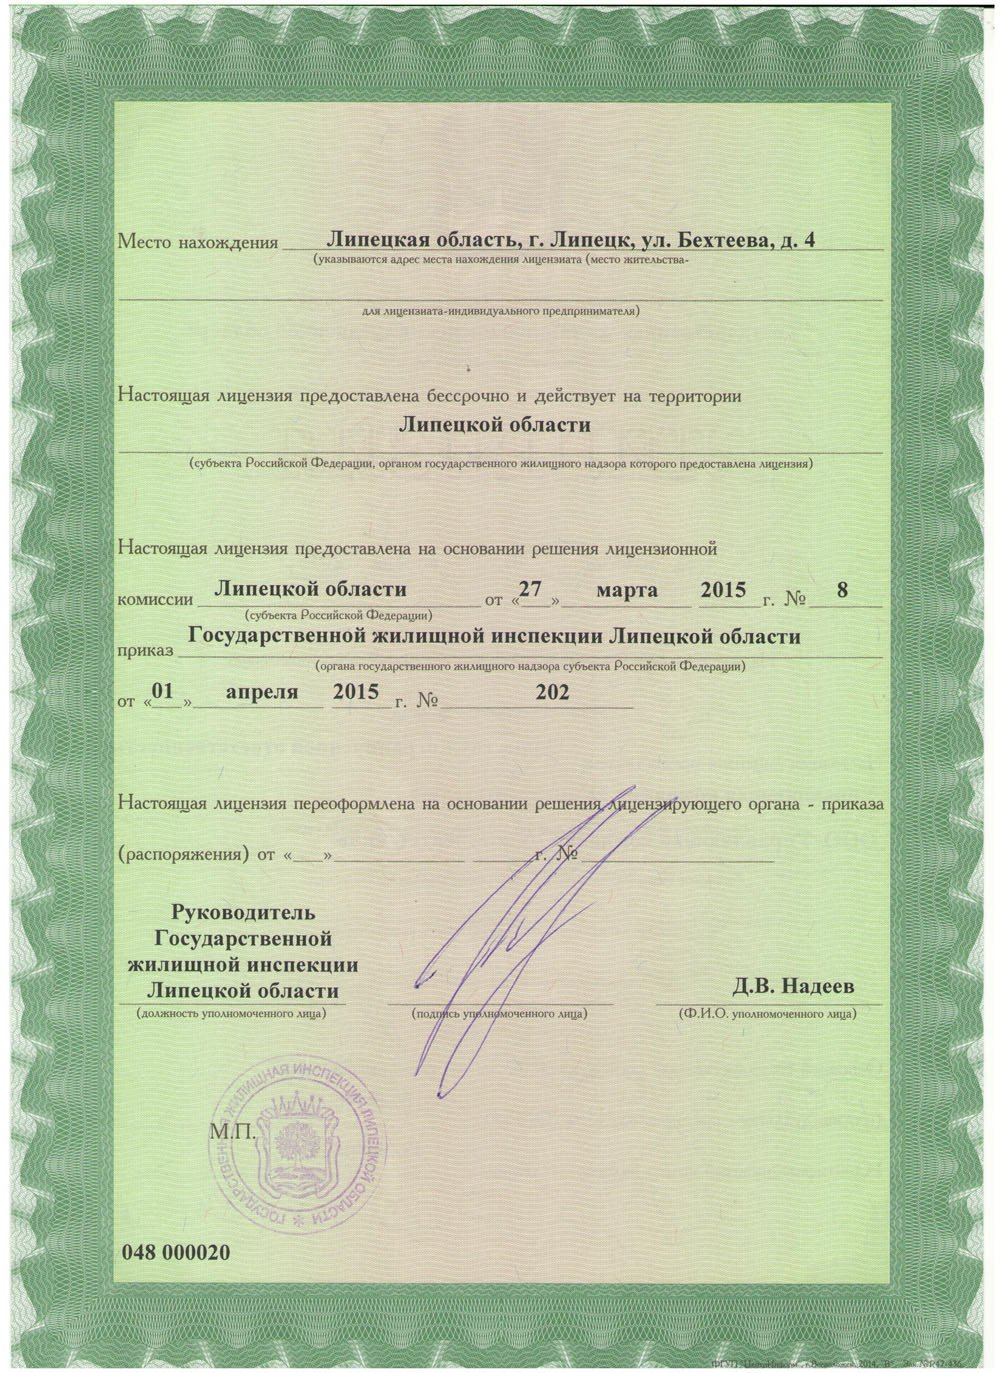 Управляющая компания университетский липецк сайт западно сибирская транспортная компания сайт